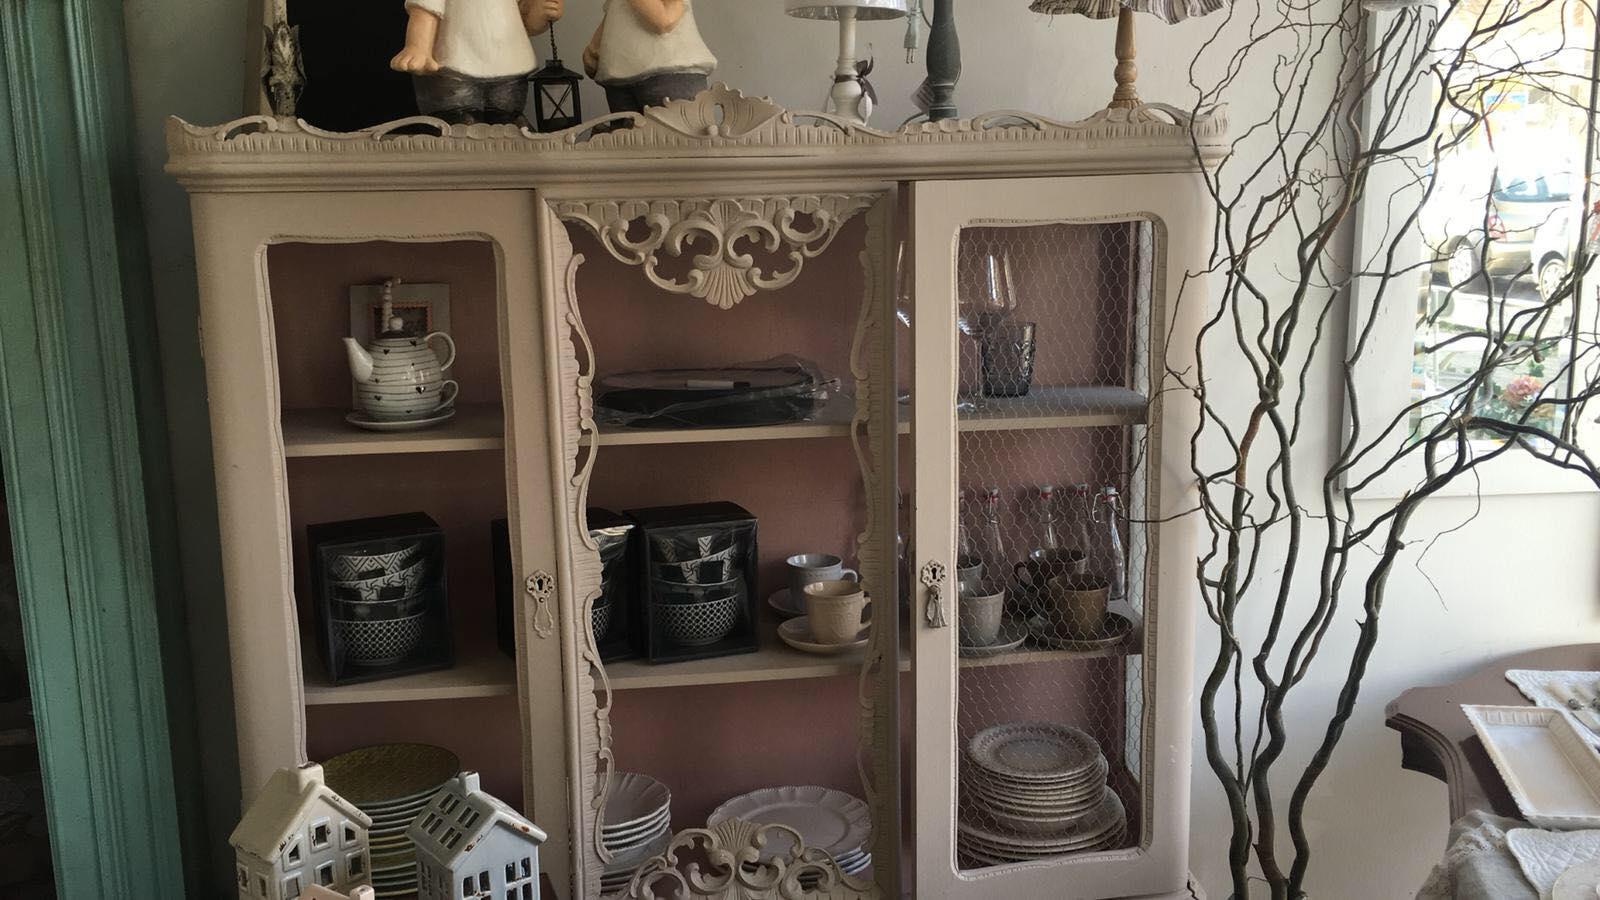 Valutazione mobili usati roma la petite maison di for Regalo mobili vecchi